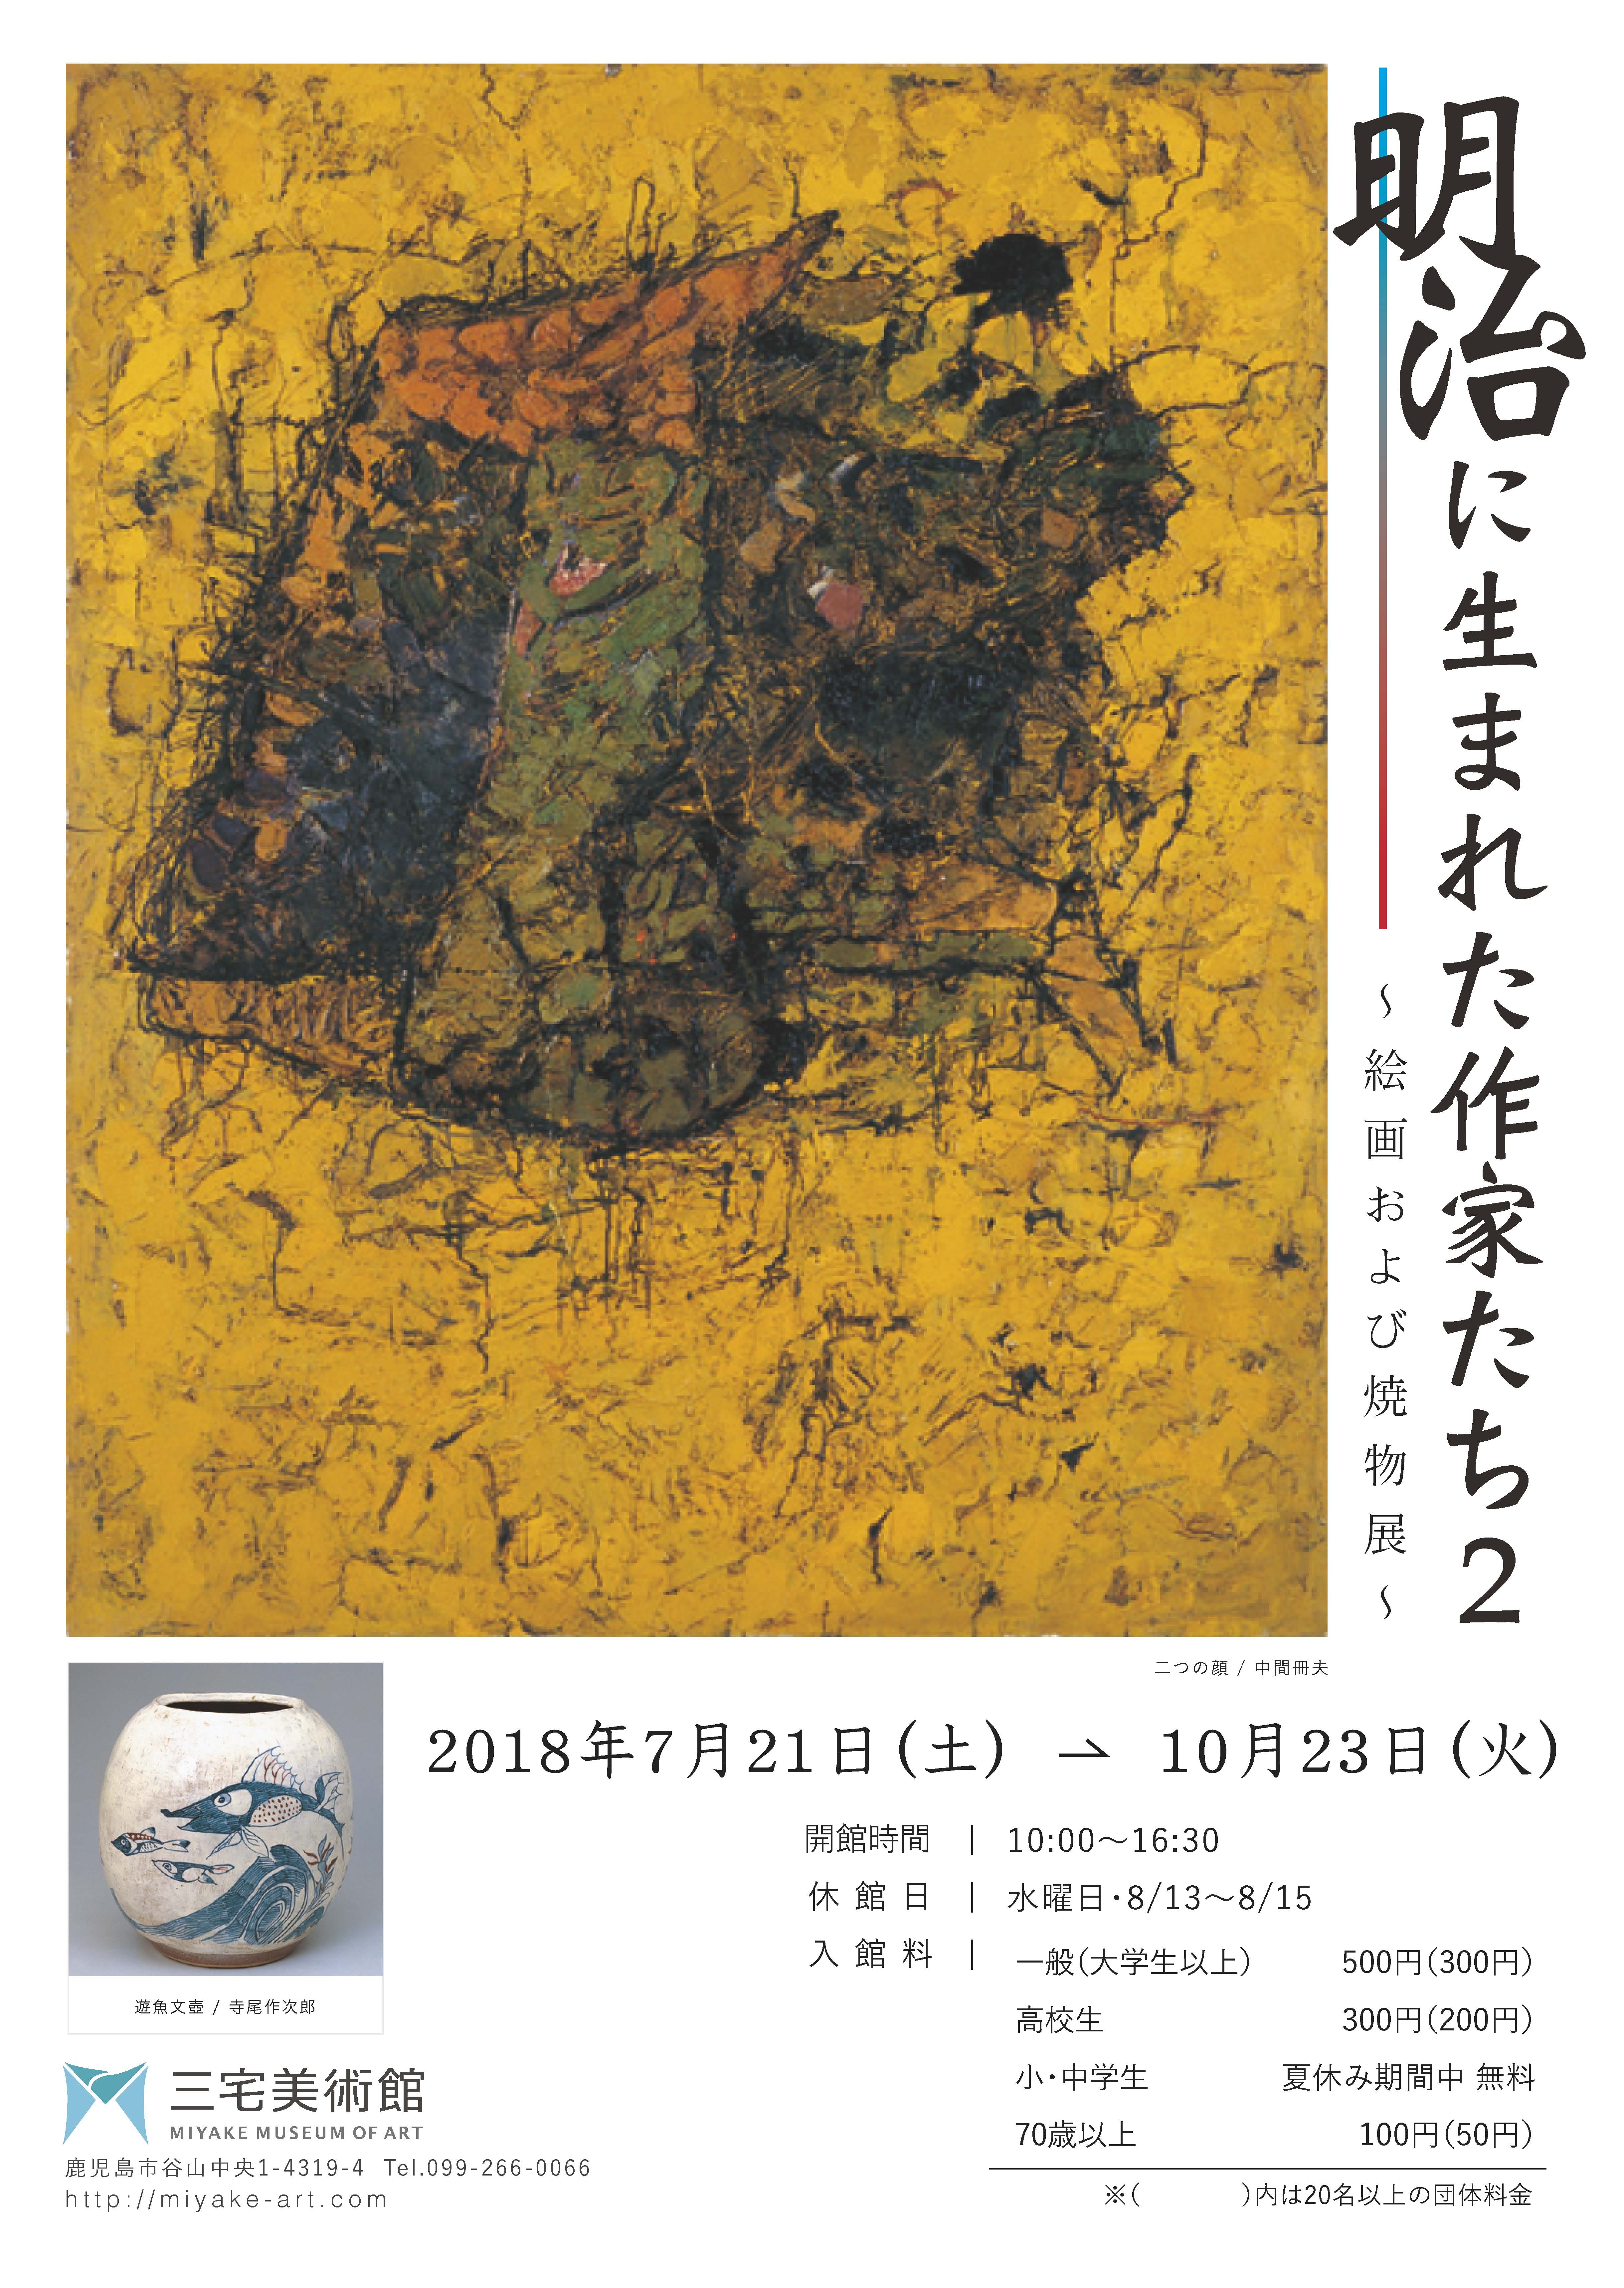 「明治に生まれた作家たち2」絵画および焼き物展 2018.07.21-2018.10.23